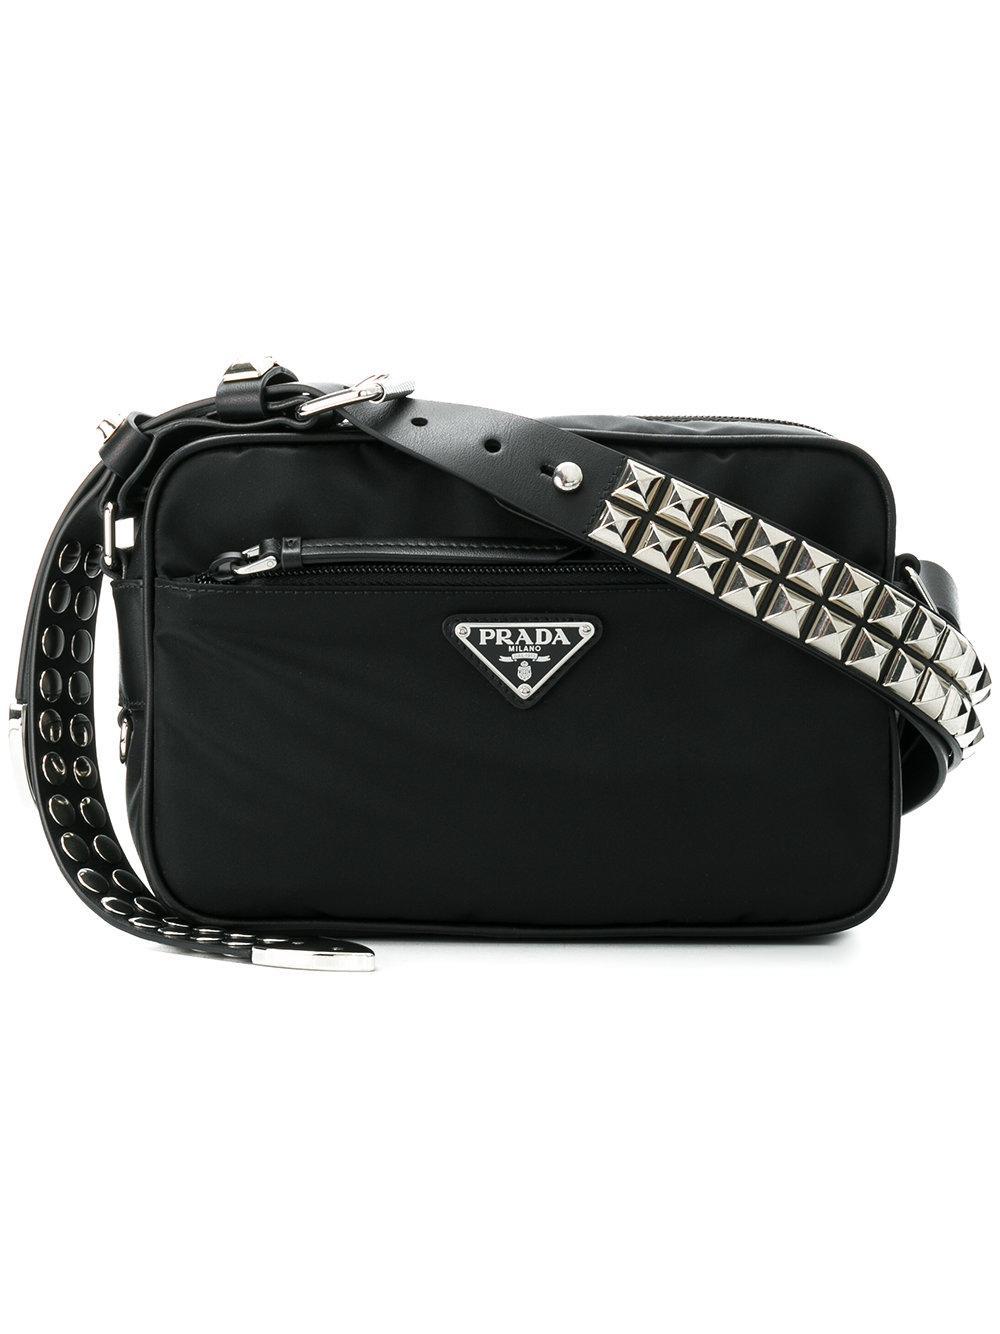 fd9a0abd8c7f Prada Black Studded Strap Textile Shoulder Bag - Farfetch